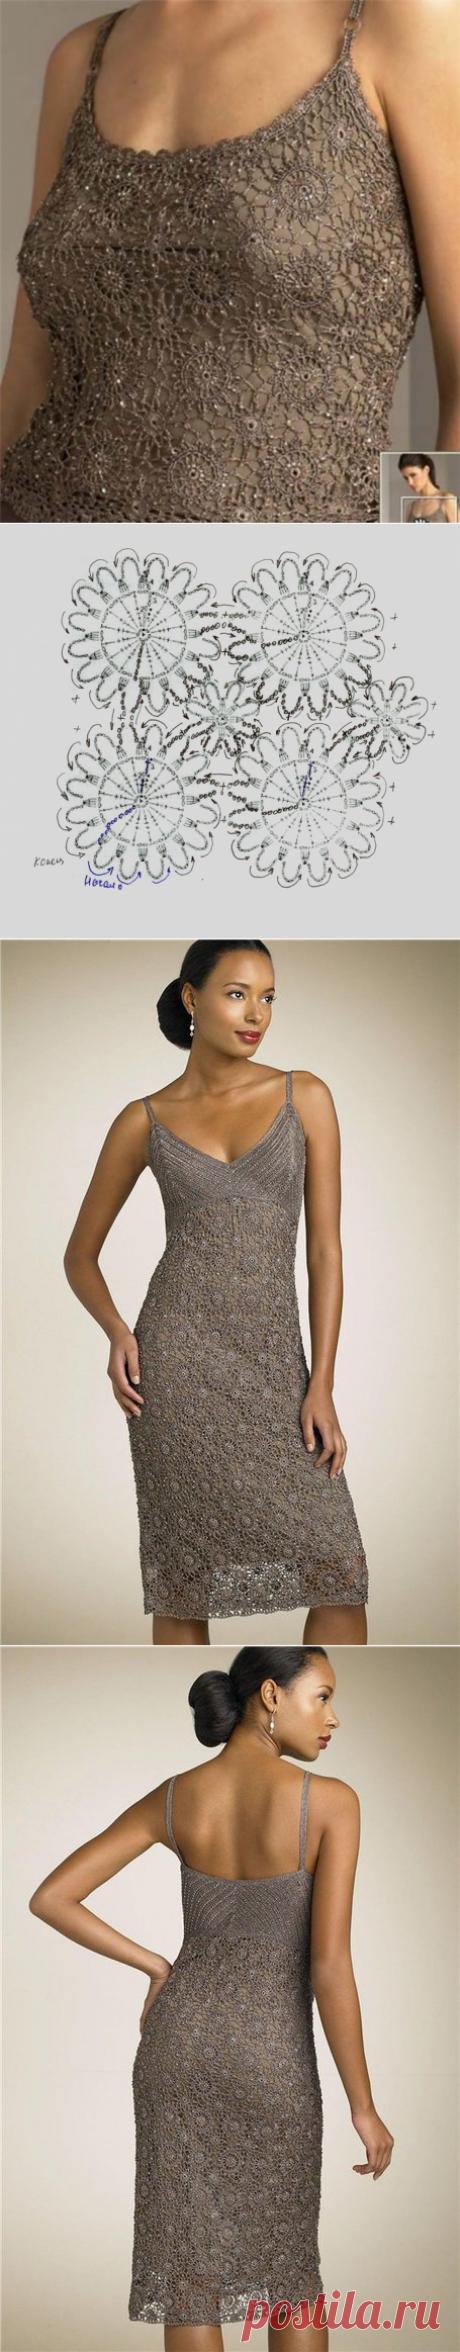 Вечернее платье   Шкатулочка для рукодельниц